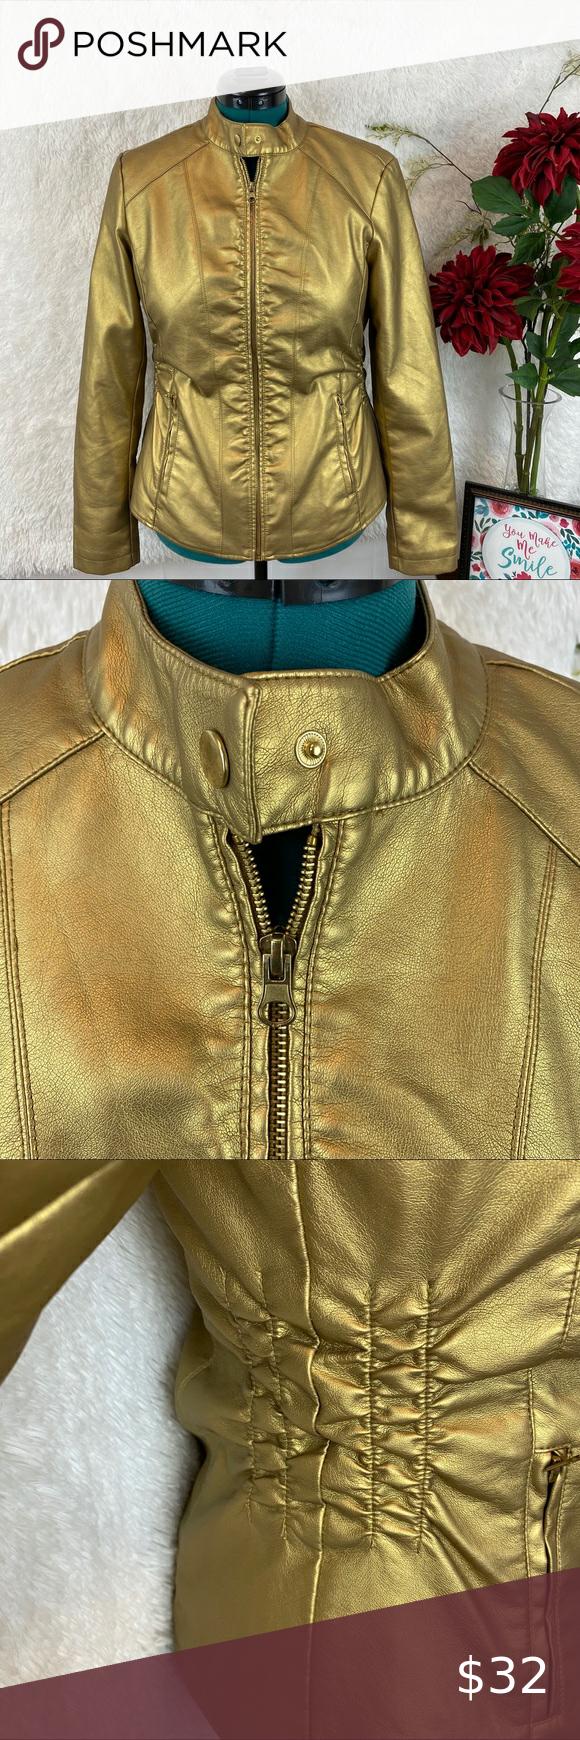 Baccini Unique Gold Flaux Leather Jacket Size M Baccini Unique Gold Flaux Leather J Black Faux Fur Jacket Faux Leather Jacket Women Leather Jackets Women [ 1740 x 580 Pixel ]